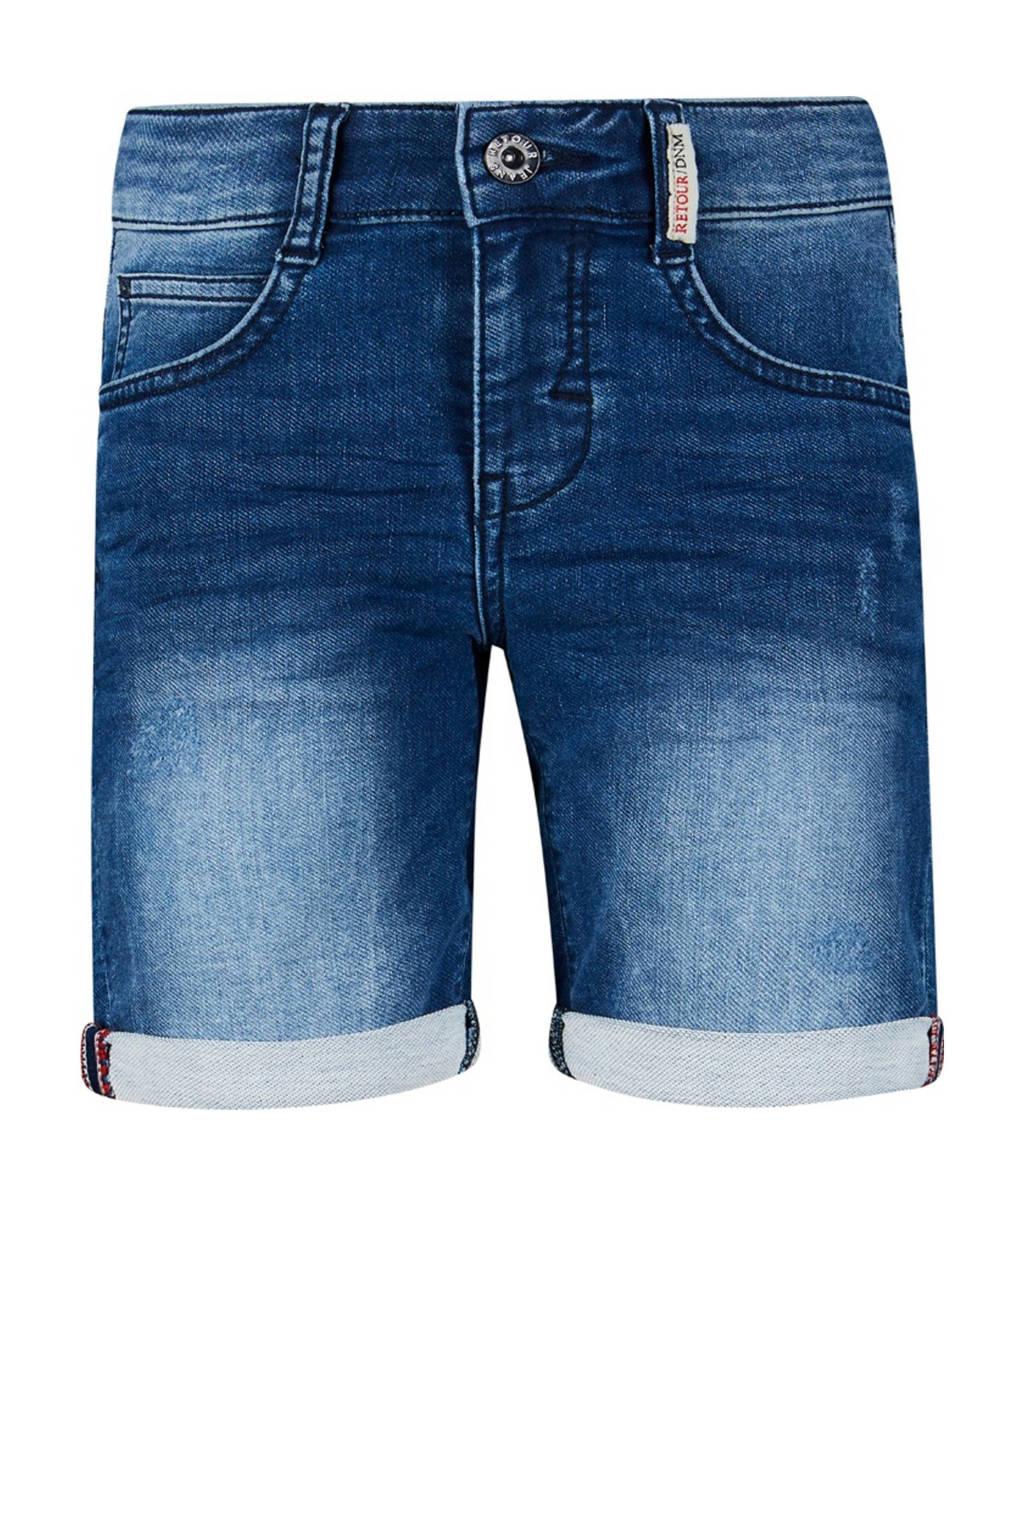 Retour Denim regular fit jeans bermuda Loek medium blue denim, Medium blue denim